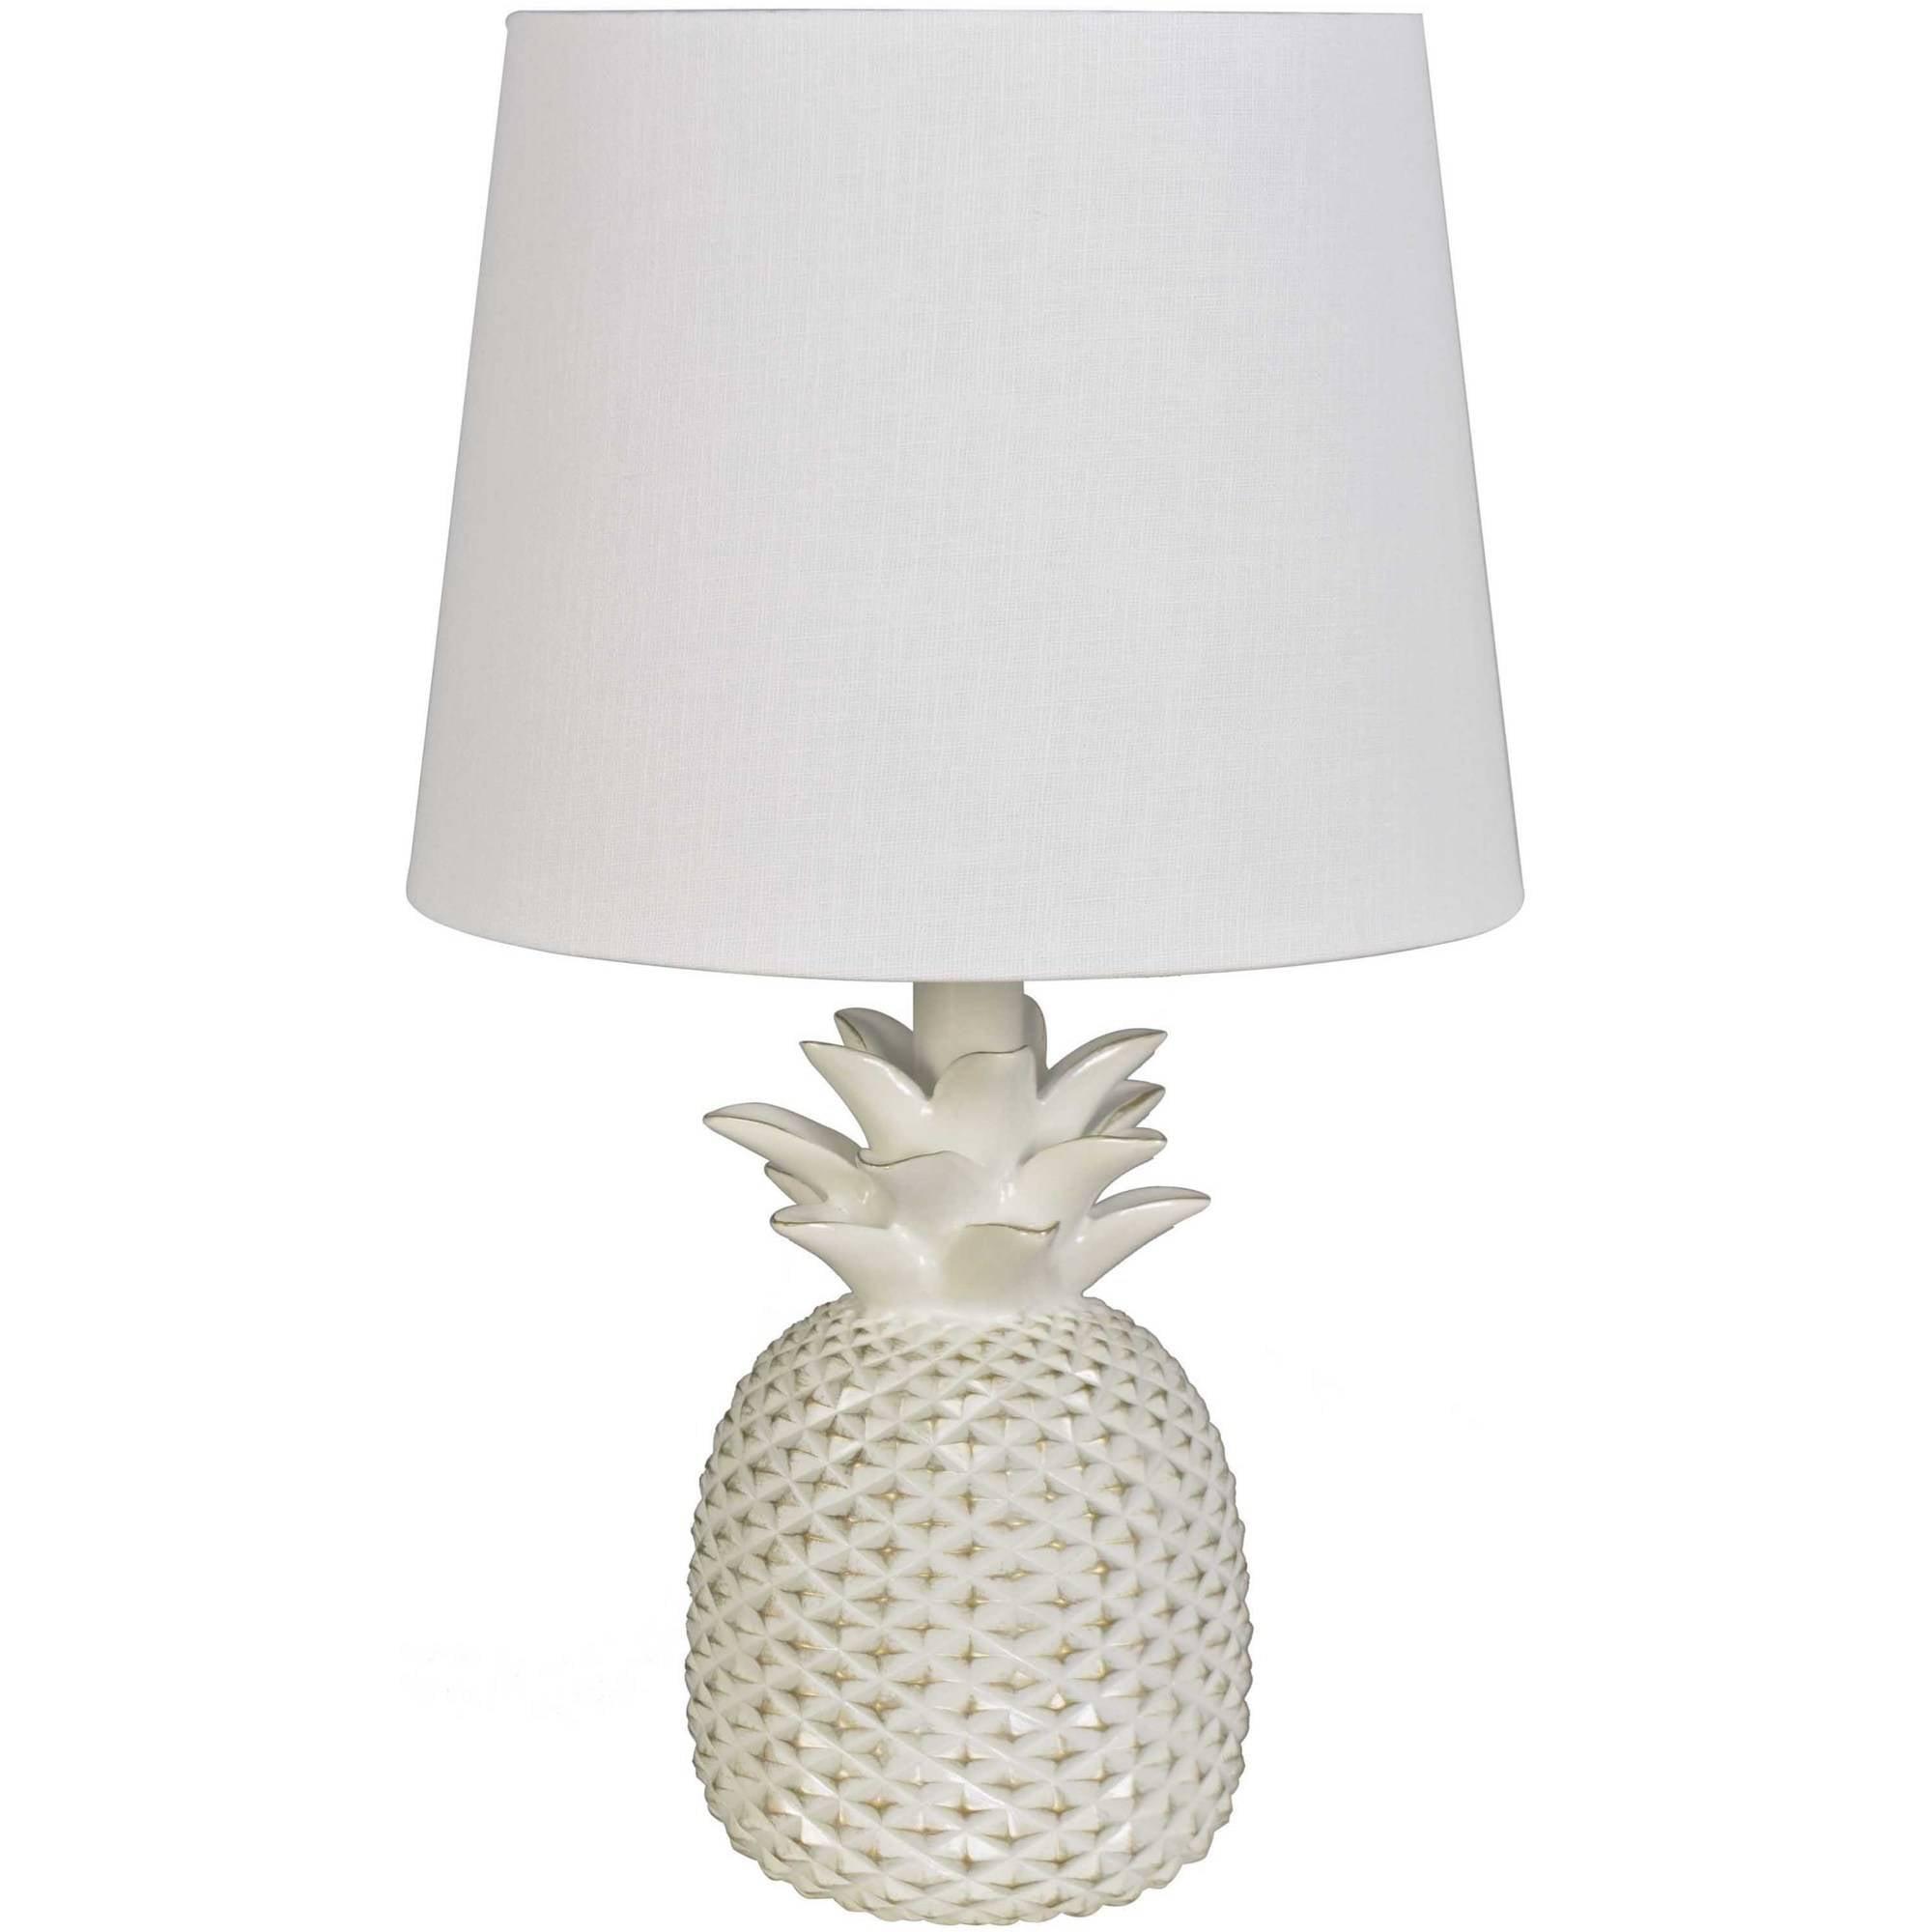 Better Homes And Gardens White Pineapple Table Lamp Ebay